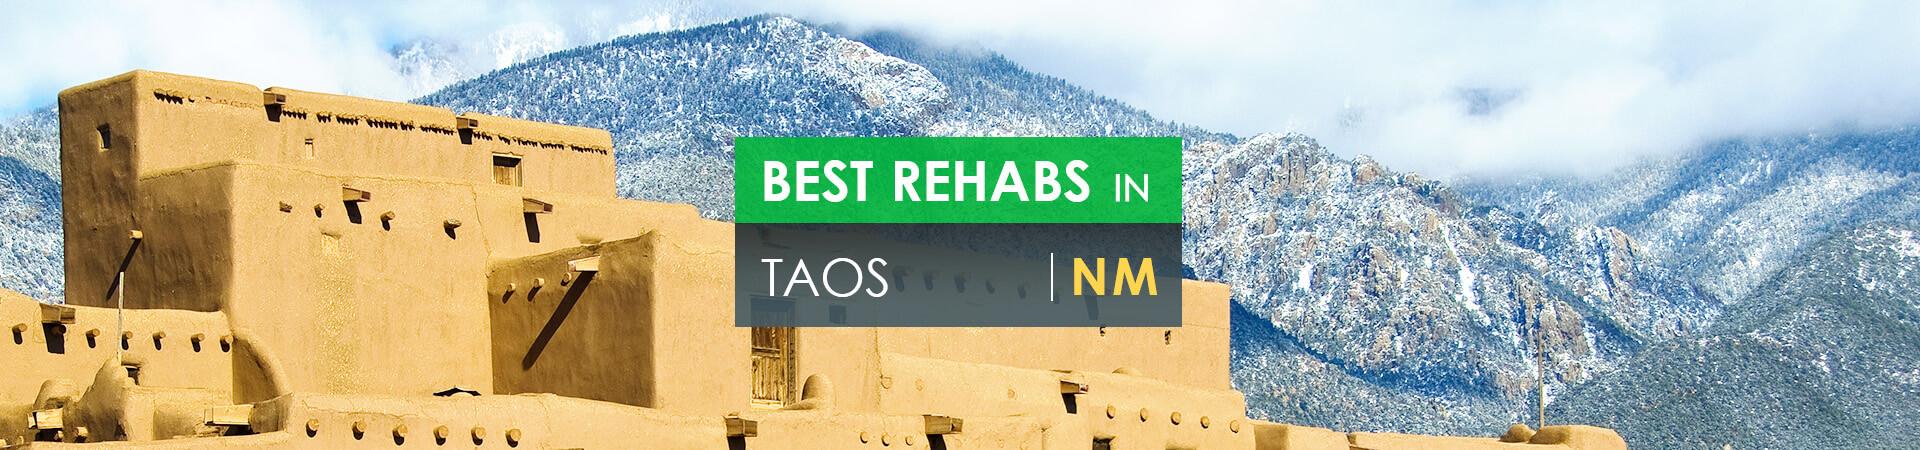 Best rehabs in Taos, NM